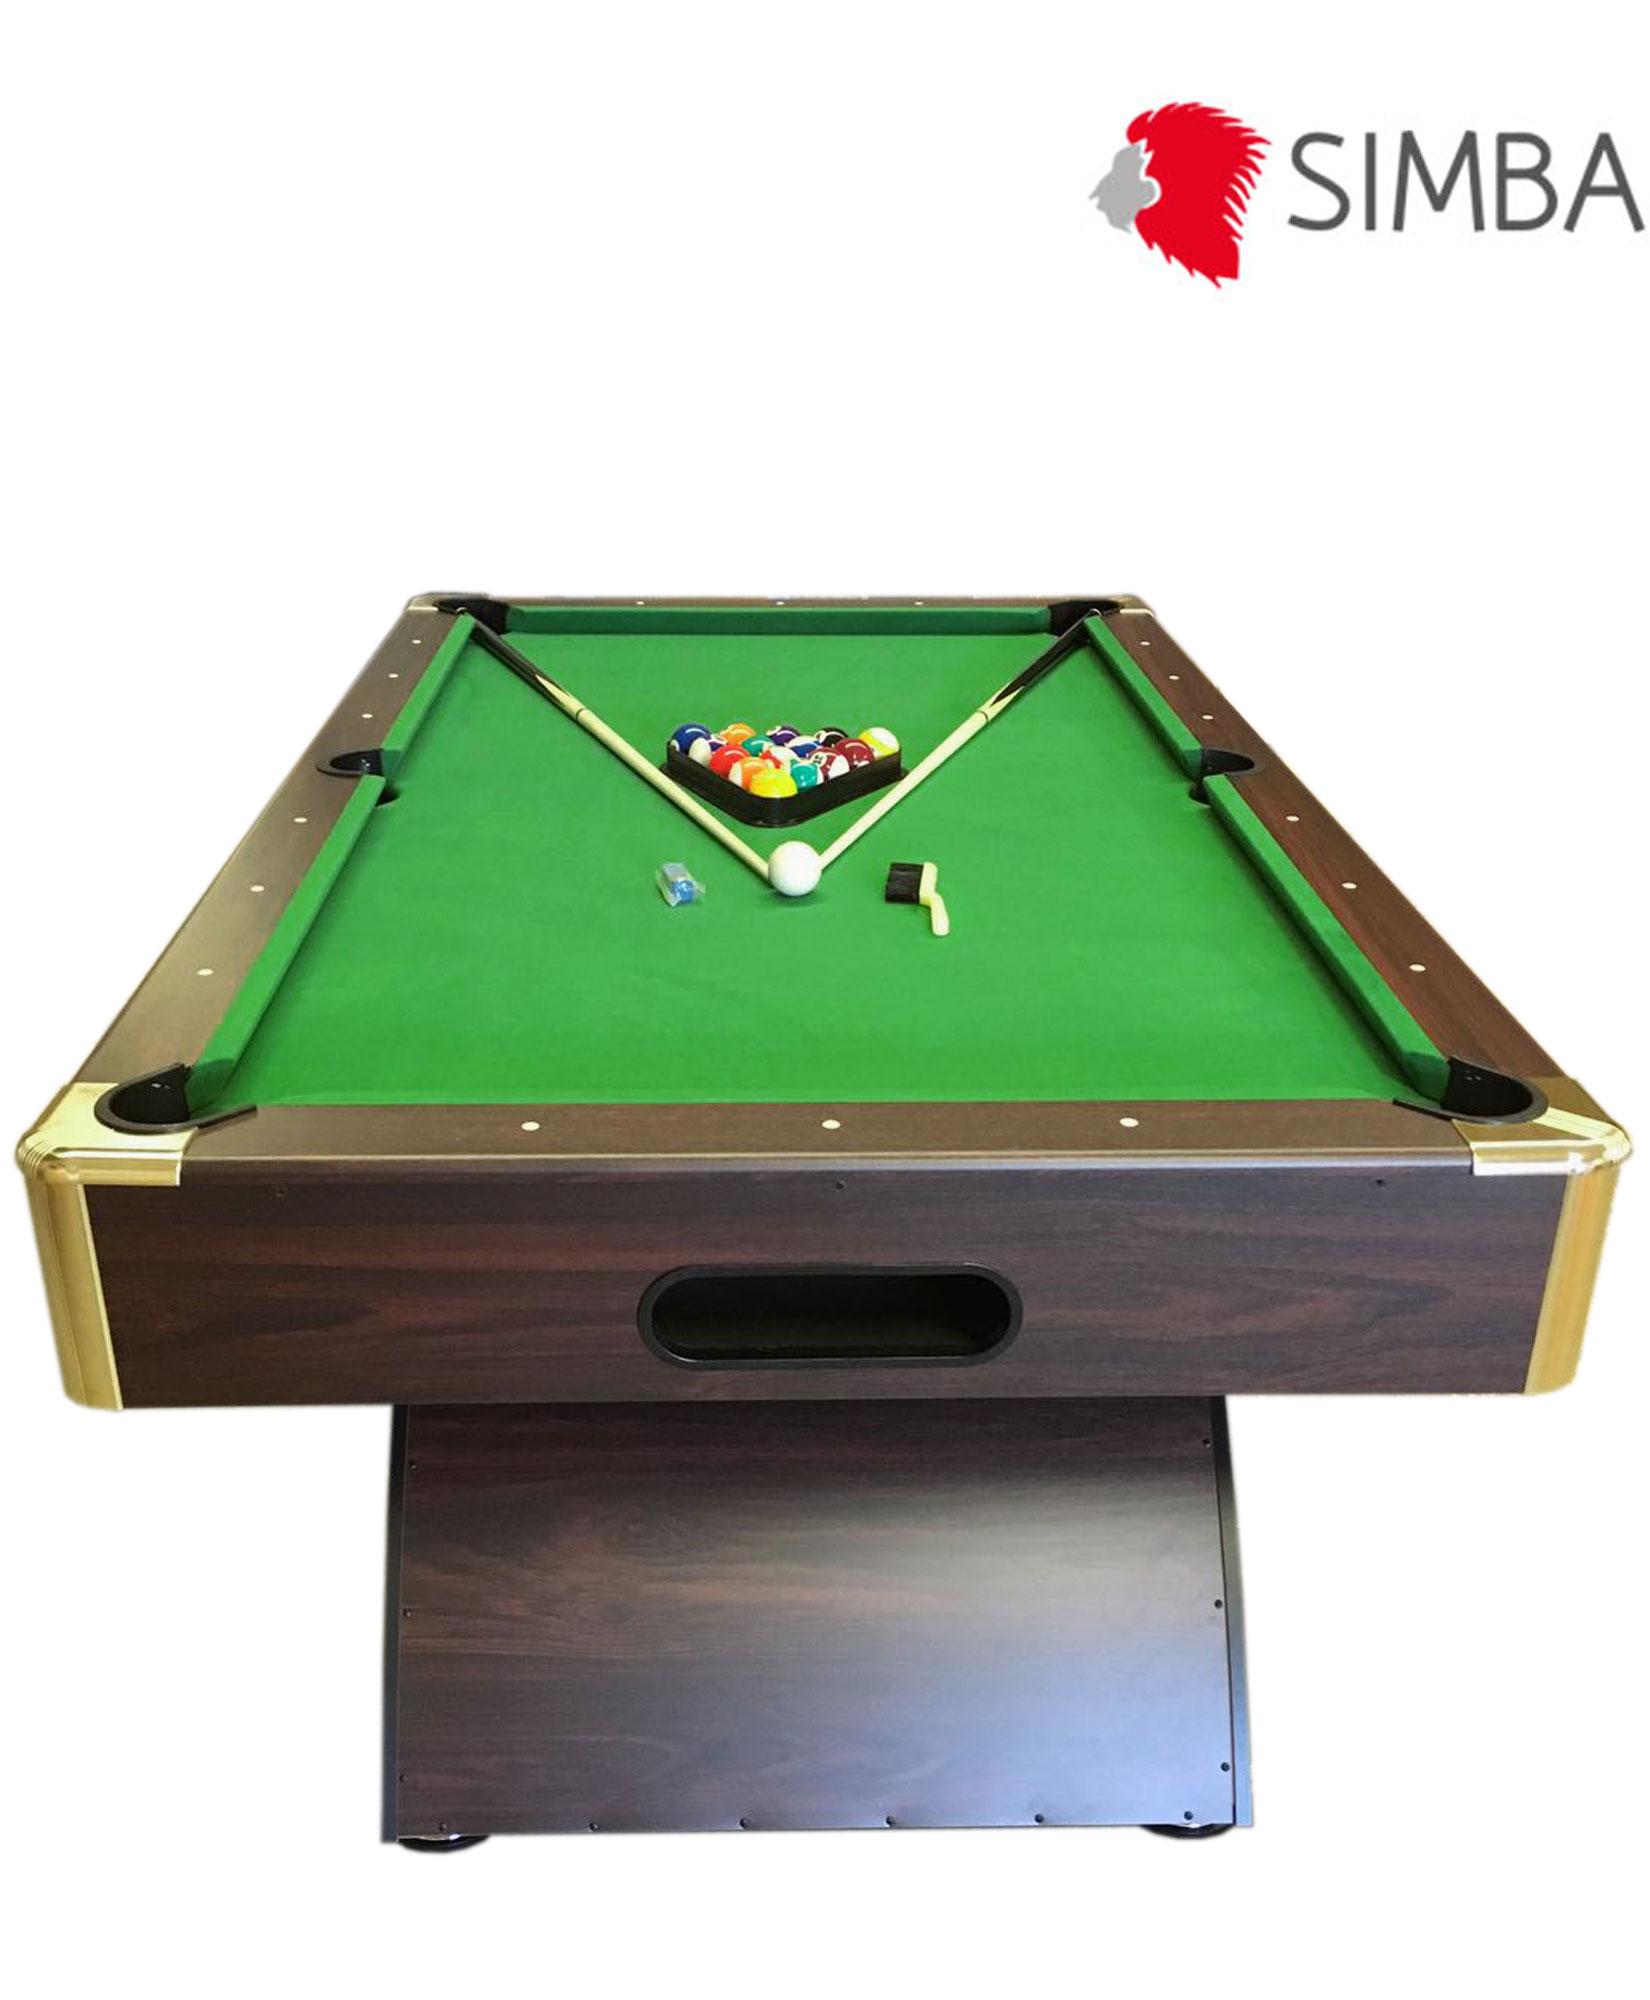 Tavolo da biliardo carambola misura 188 x 94 cm snooker verde 7 ft annibale ebay - Misure tavolo da biliardo ...